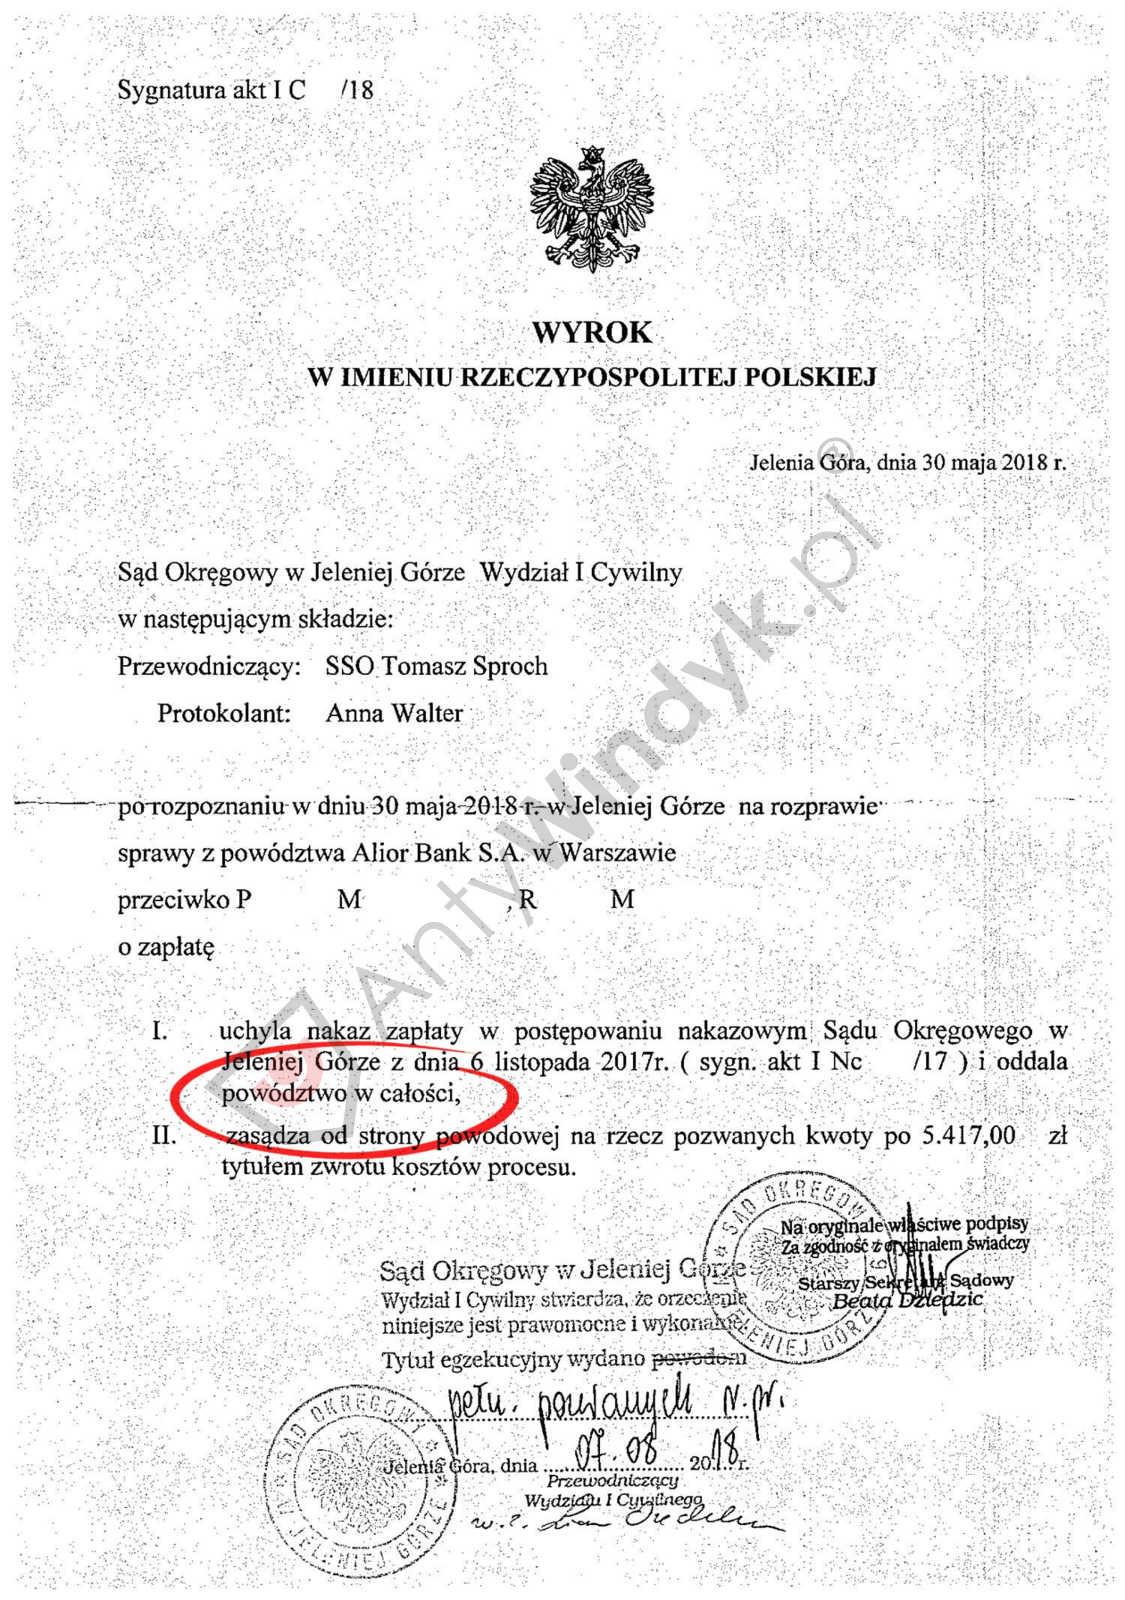 Wyrok – oddalenie powództwa – Alior Bank